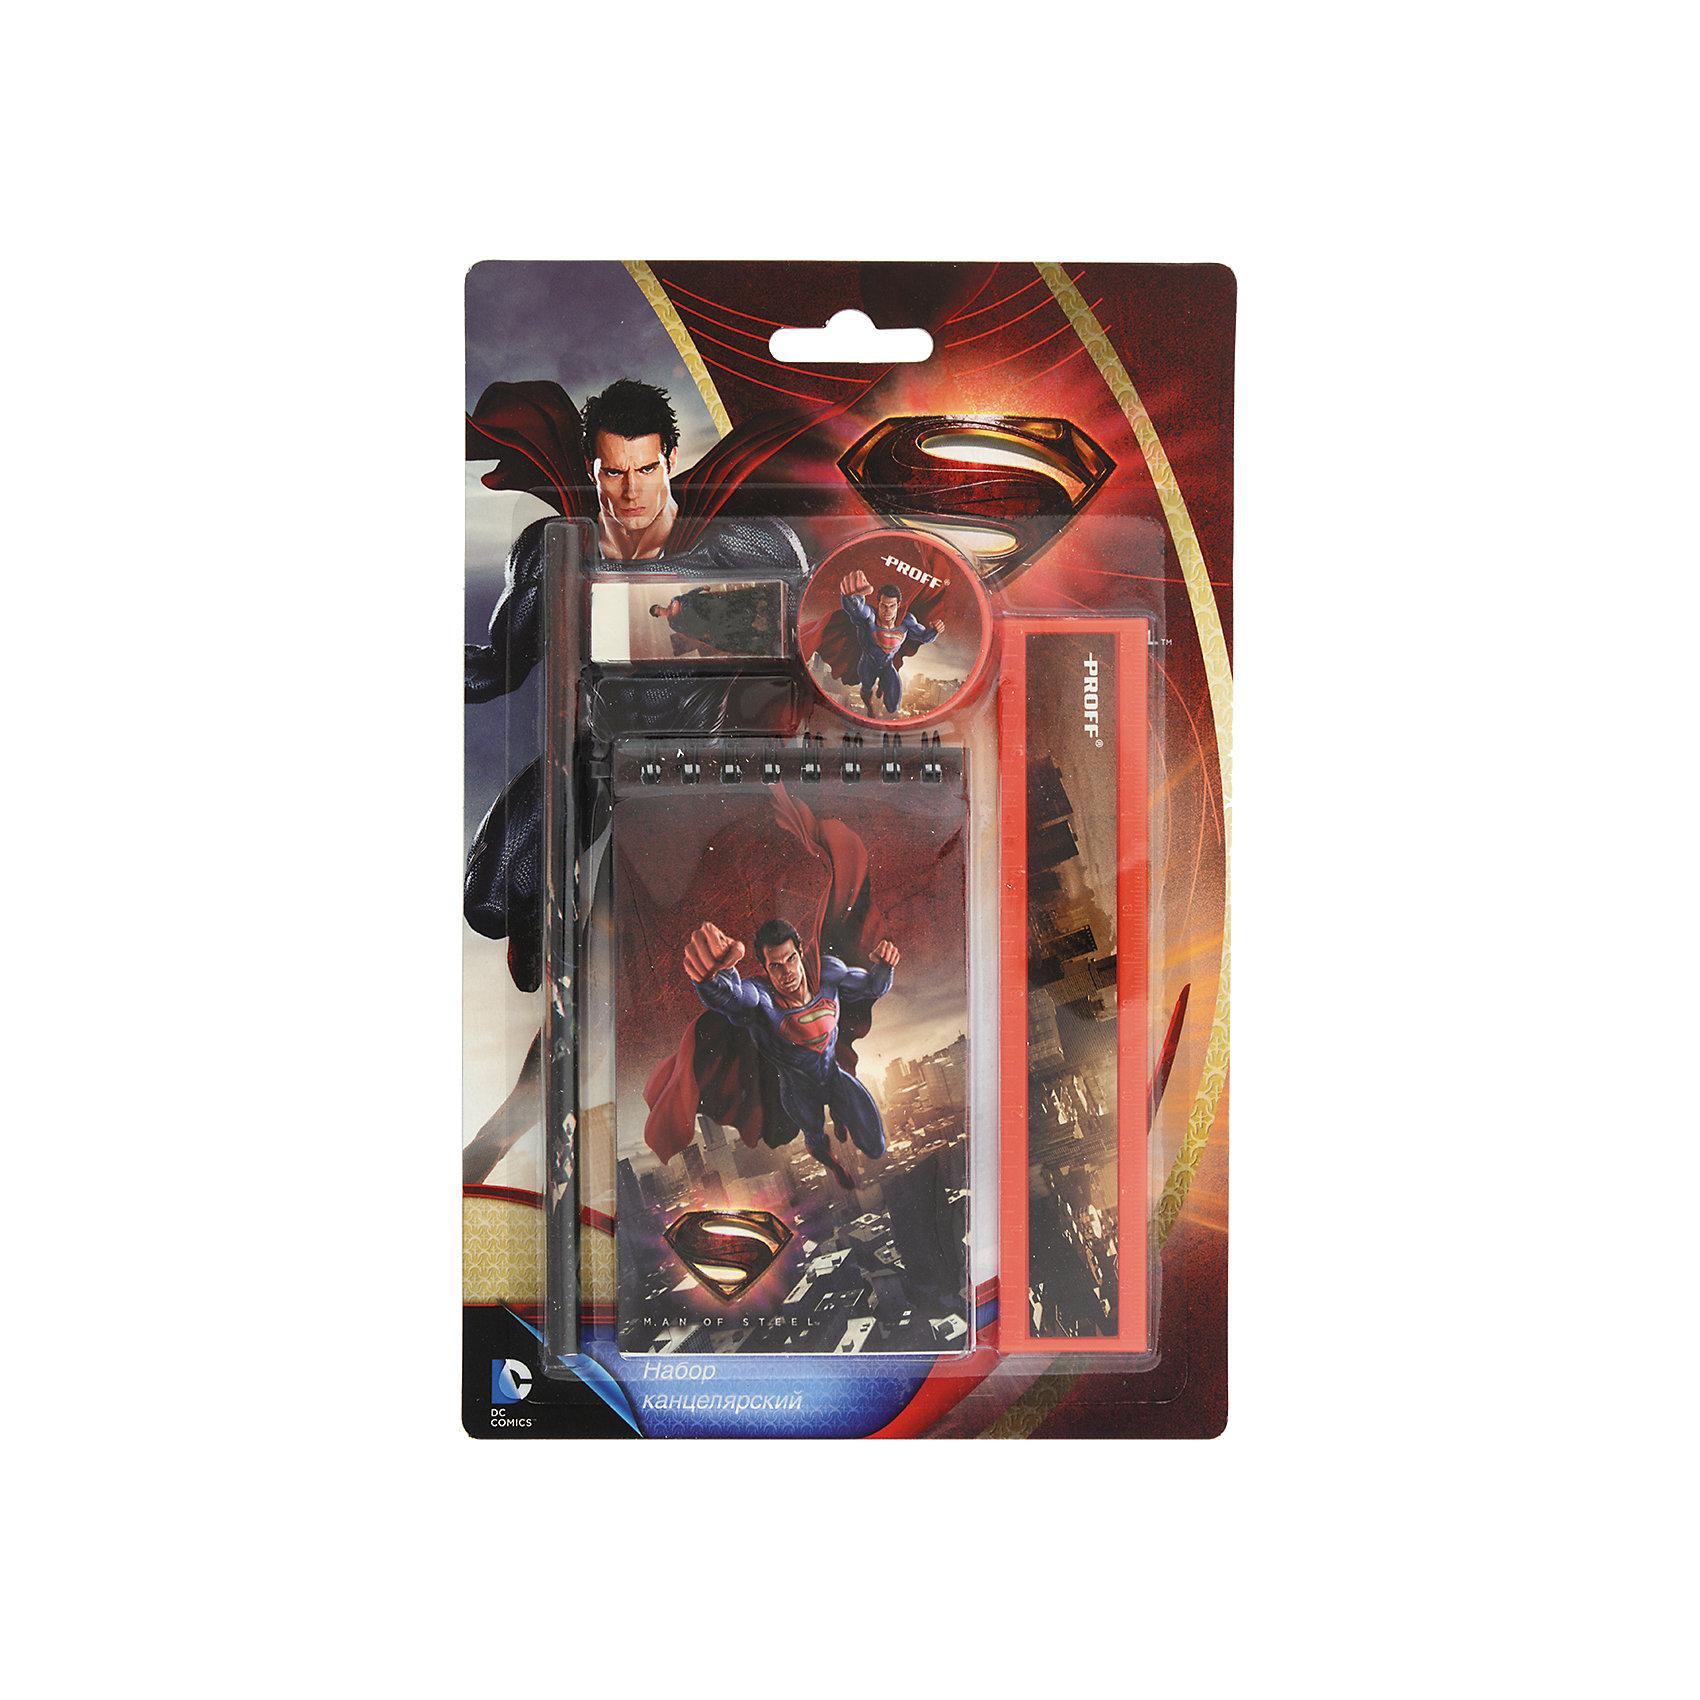 Proff Набор канцелярский 5 предметов Супермен академия групп канцелярский набор точилка ластик barbie